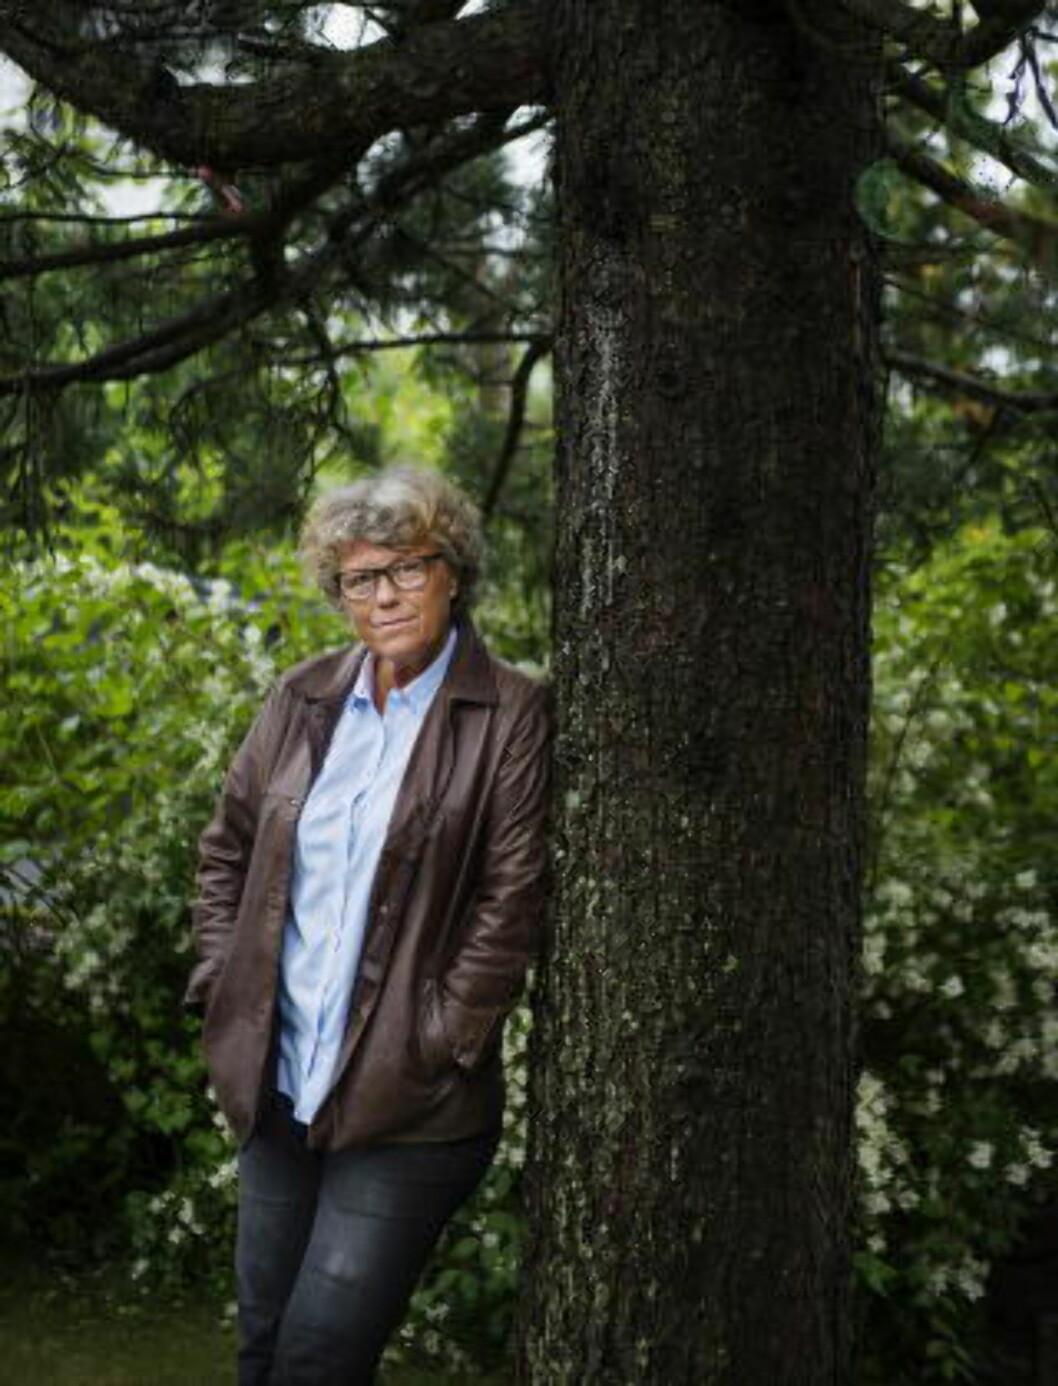 <strong>STOR TILHENGER:</strong> - Jeg har lest Wallander-bøkene med stor lyst og glede, sier forfatter Anne Holt.  Foto: Benjamin A. Ward / Dagbladet